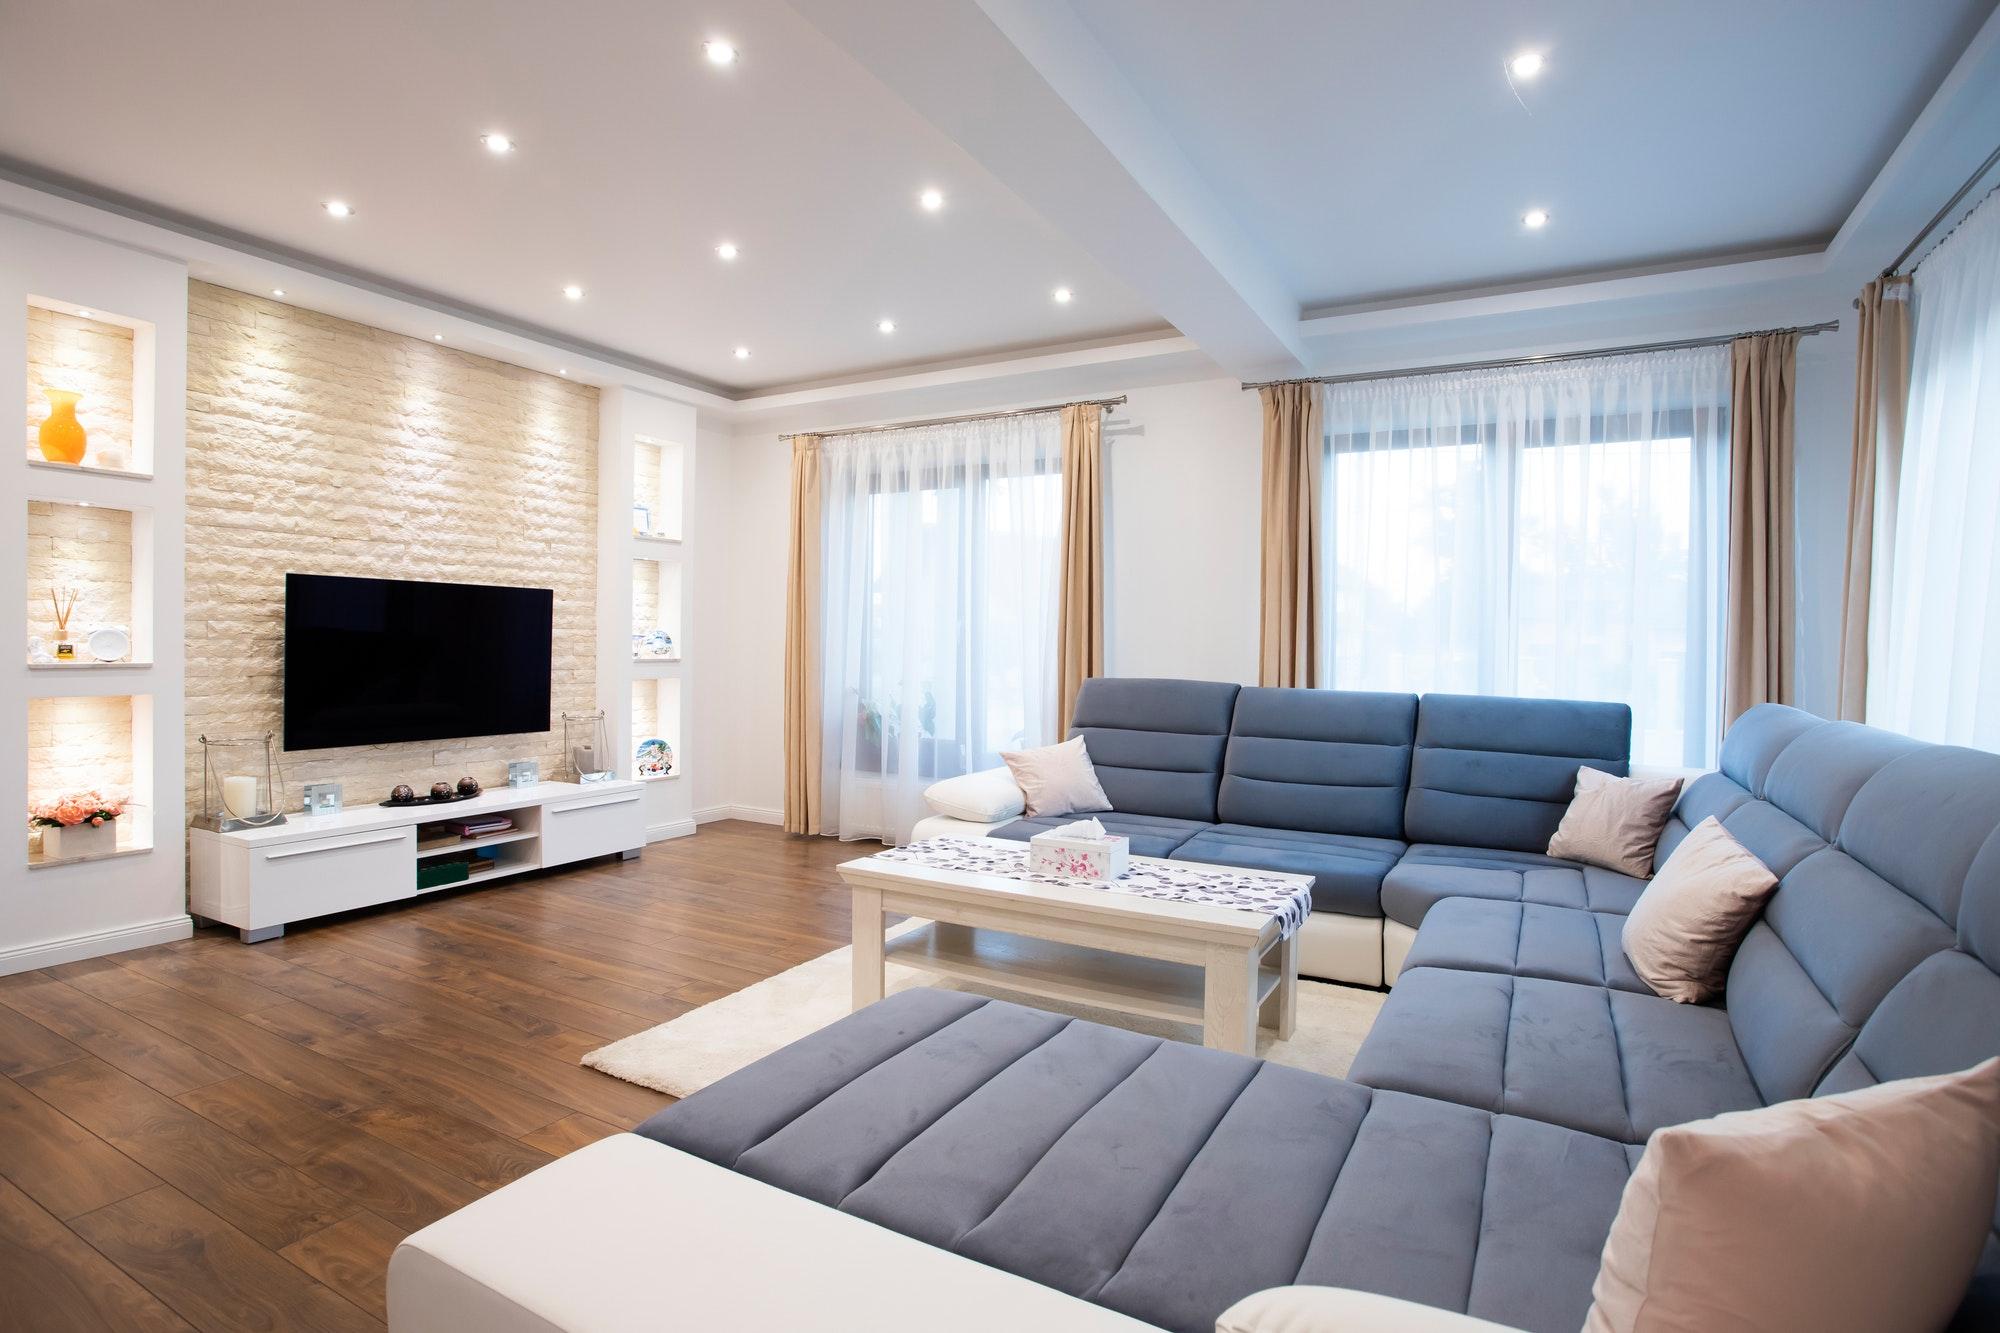 Instalaciones Eléctricas Ahorro energético en el hogar